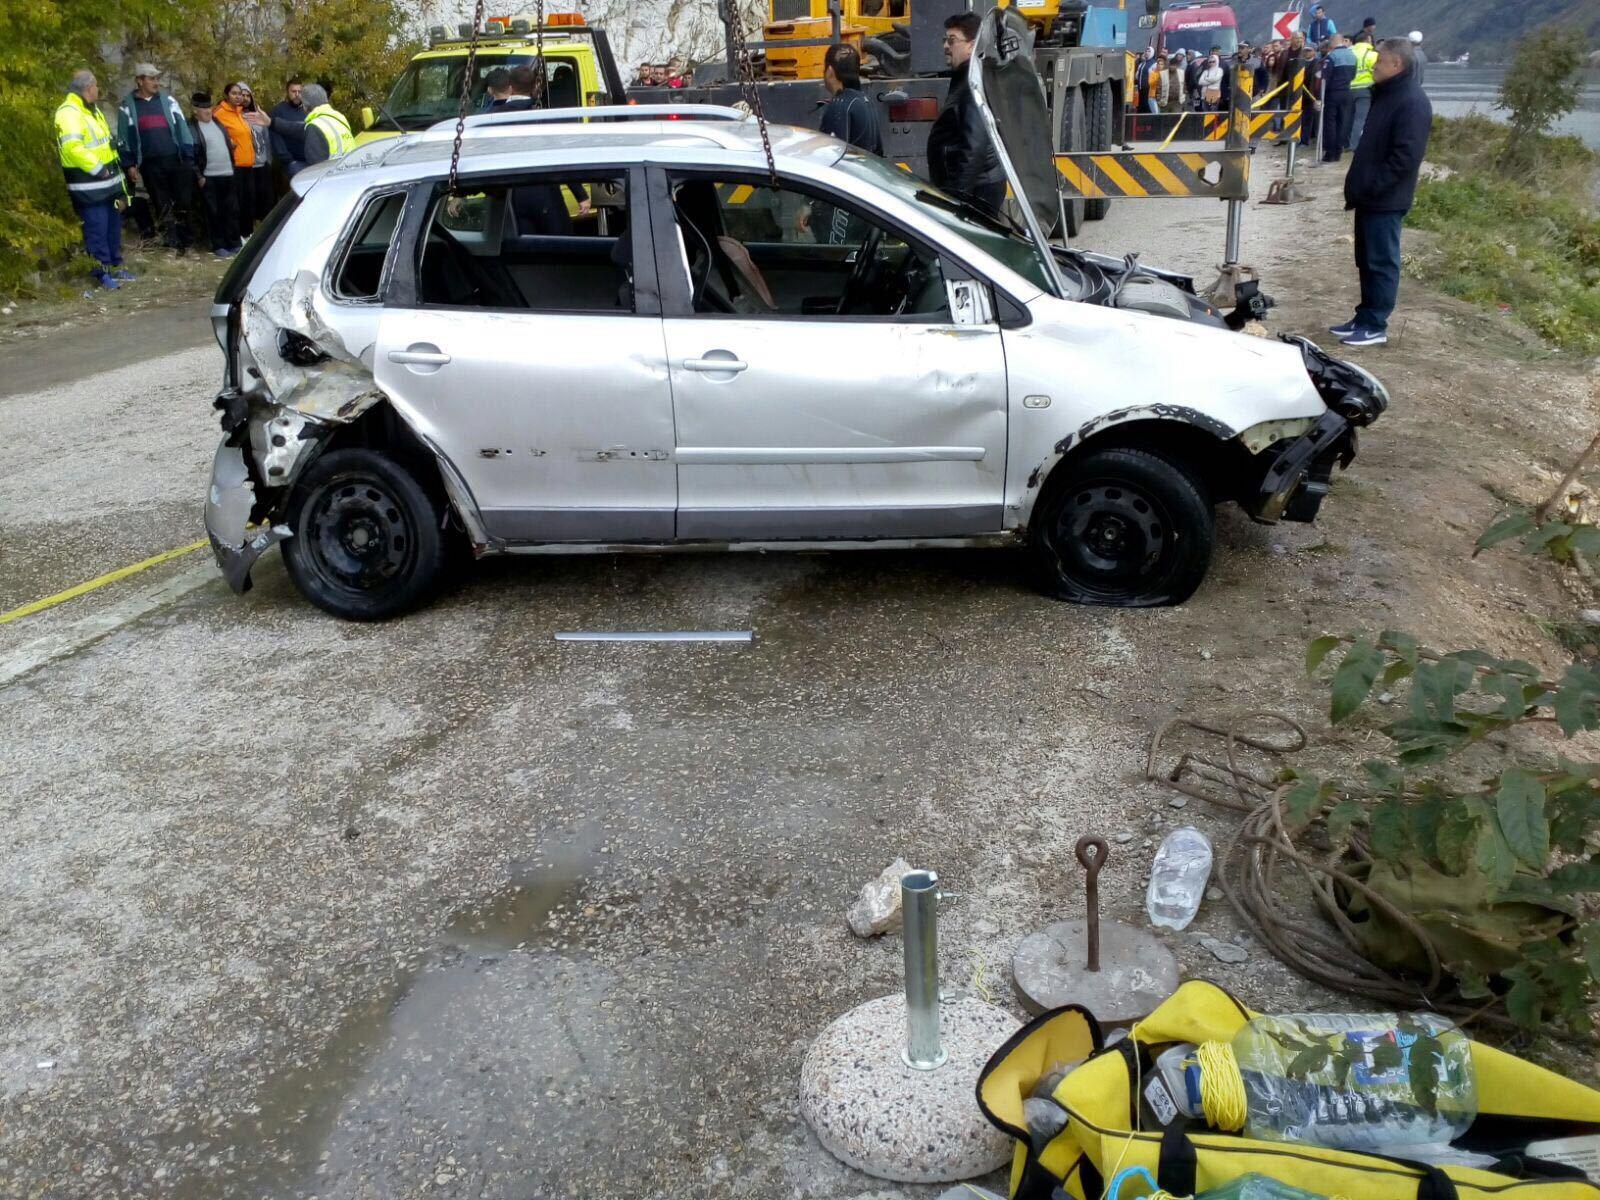 Doi şefi de la drumuri, DEMIŞI după accidentul de pe Dunăre în care o maşină a plonjat în fluviu din cauza lipsei parapetelor: Deţinea parapete pe stoc, dar că nu le-a folosit